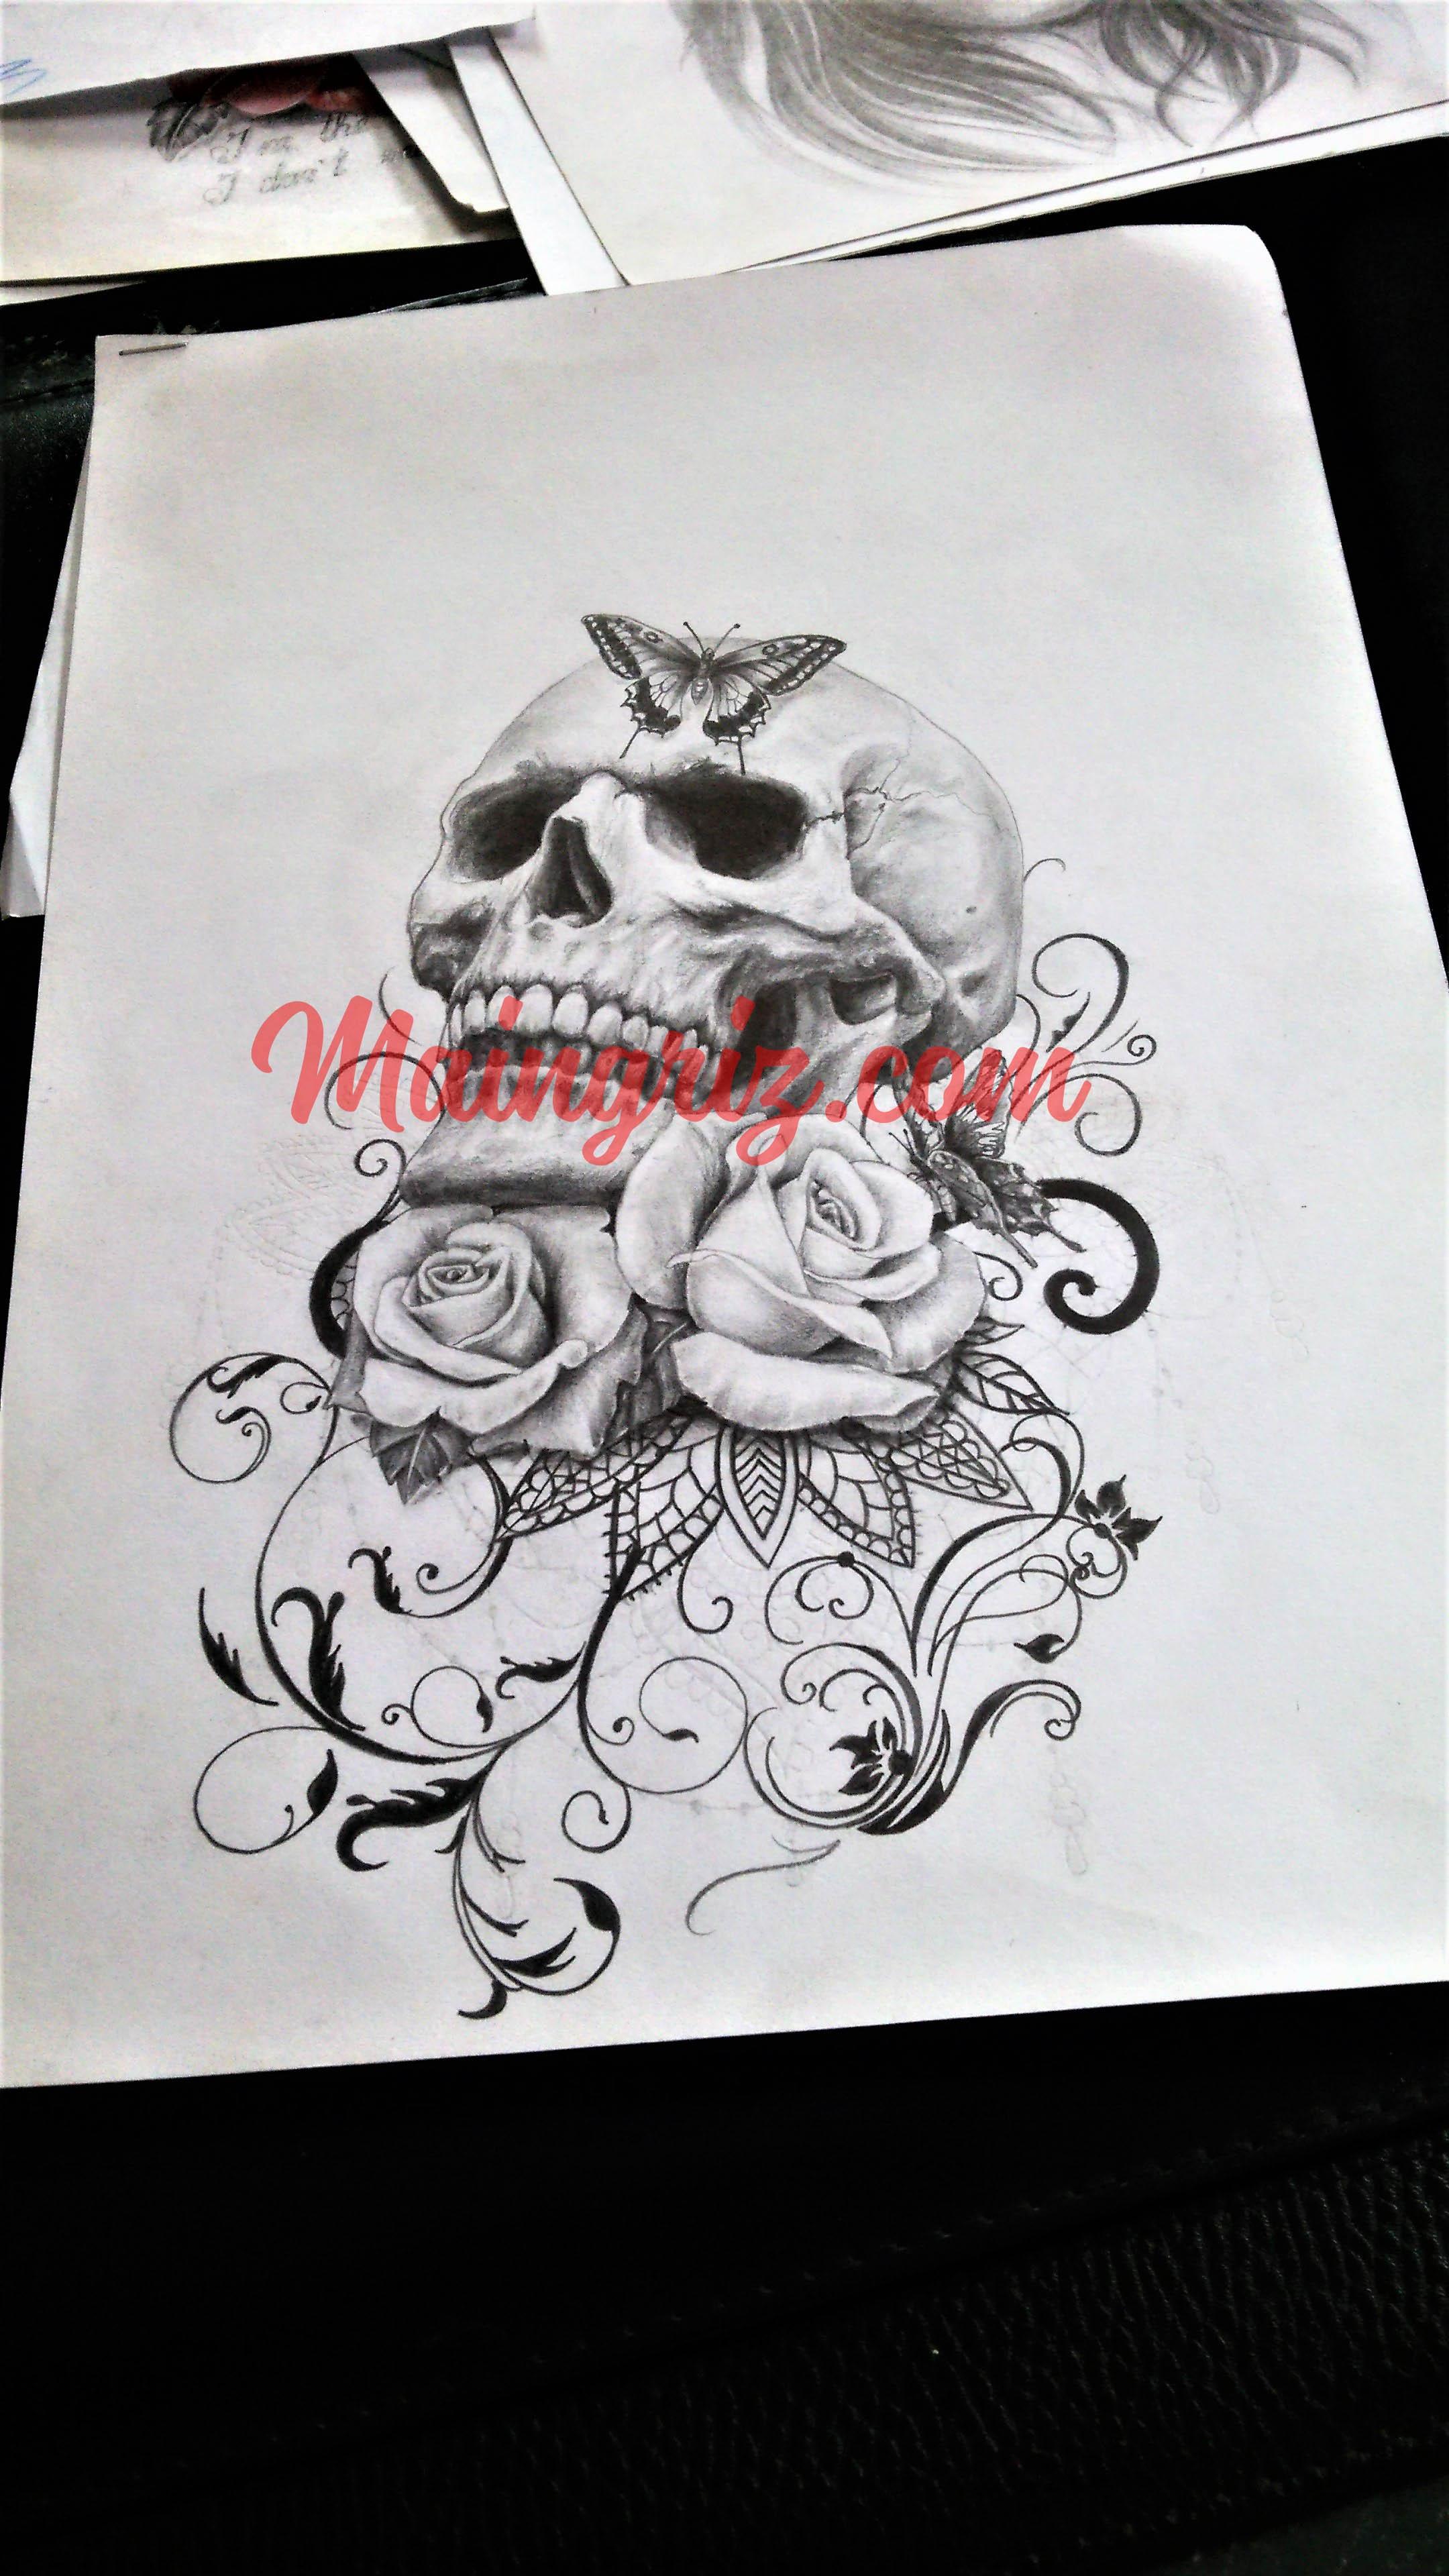 Dessin Ange Realiste dessin de tatouage de tête de mort réaliste avec rose et